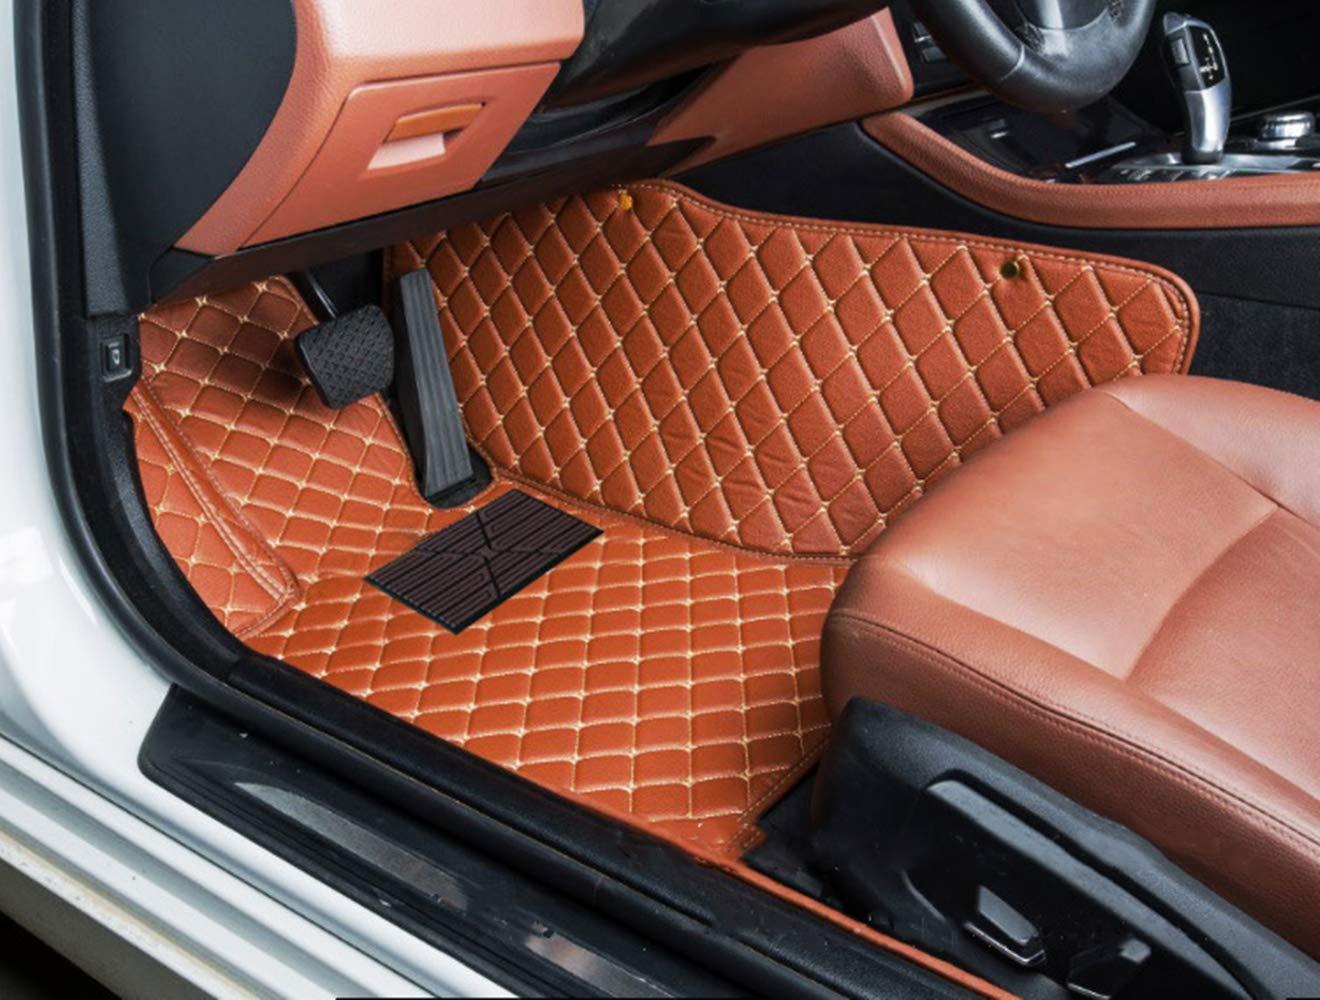 ALLYARD per XF Sedan 2016-2018 Tappeti Auto tappetini XPE Materiale in Pelle Antiusura Antiscivolo Antiusura Bordo Alto 3D Tappetini Auto Nero e Beige